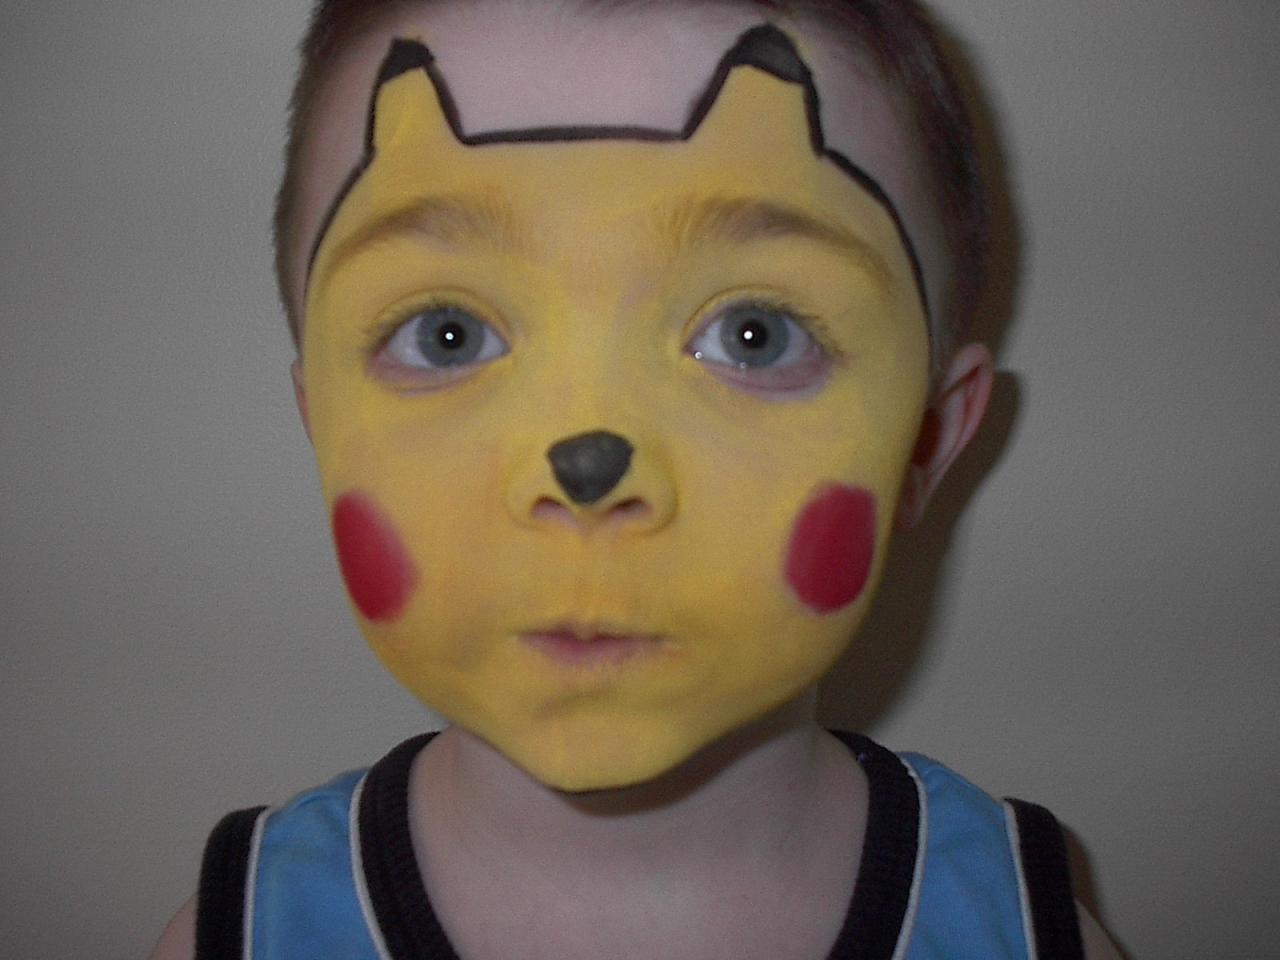 Cómo hacer un disfraz casero de pikachu